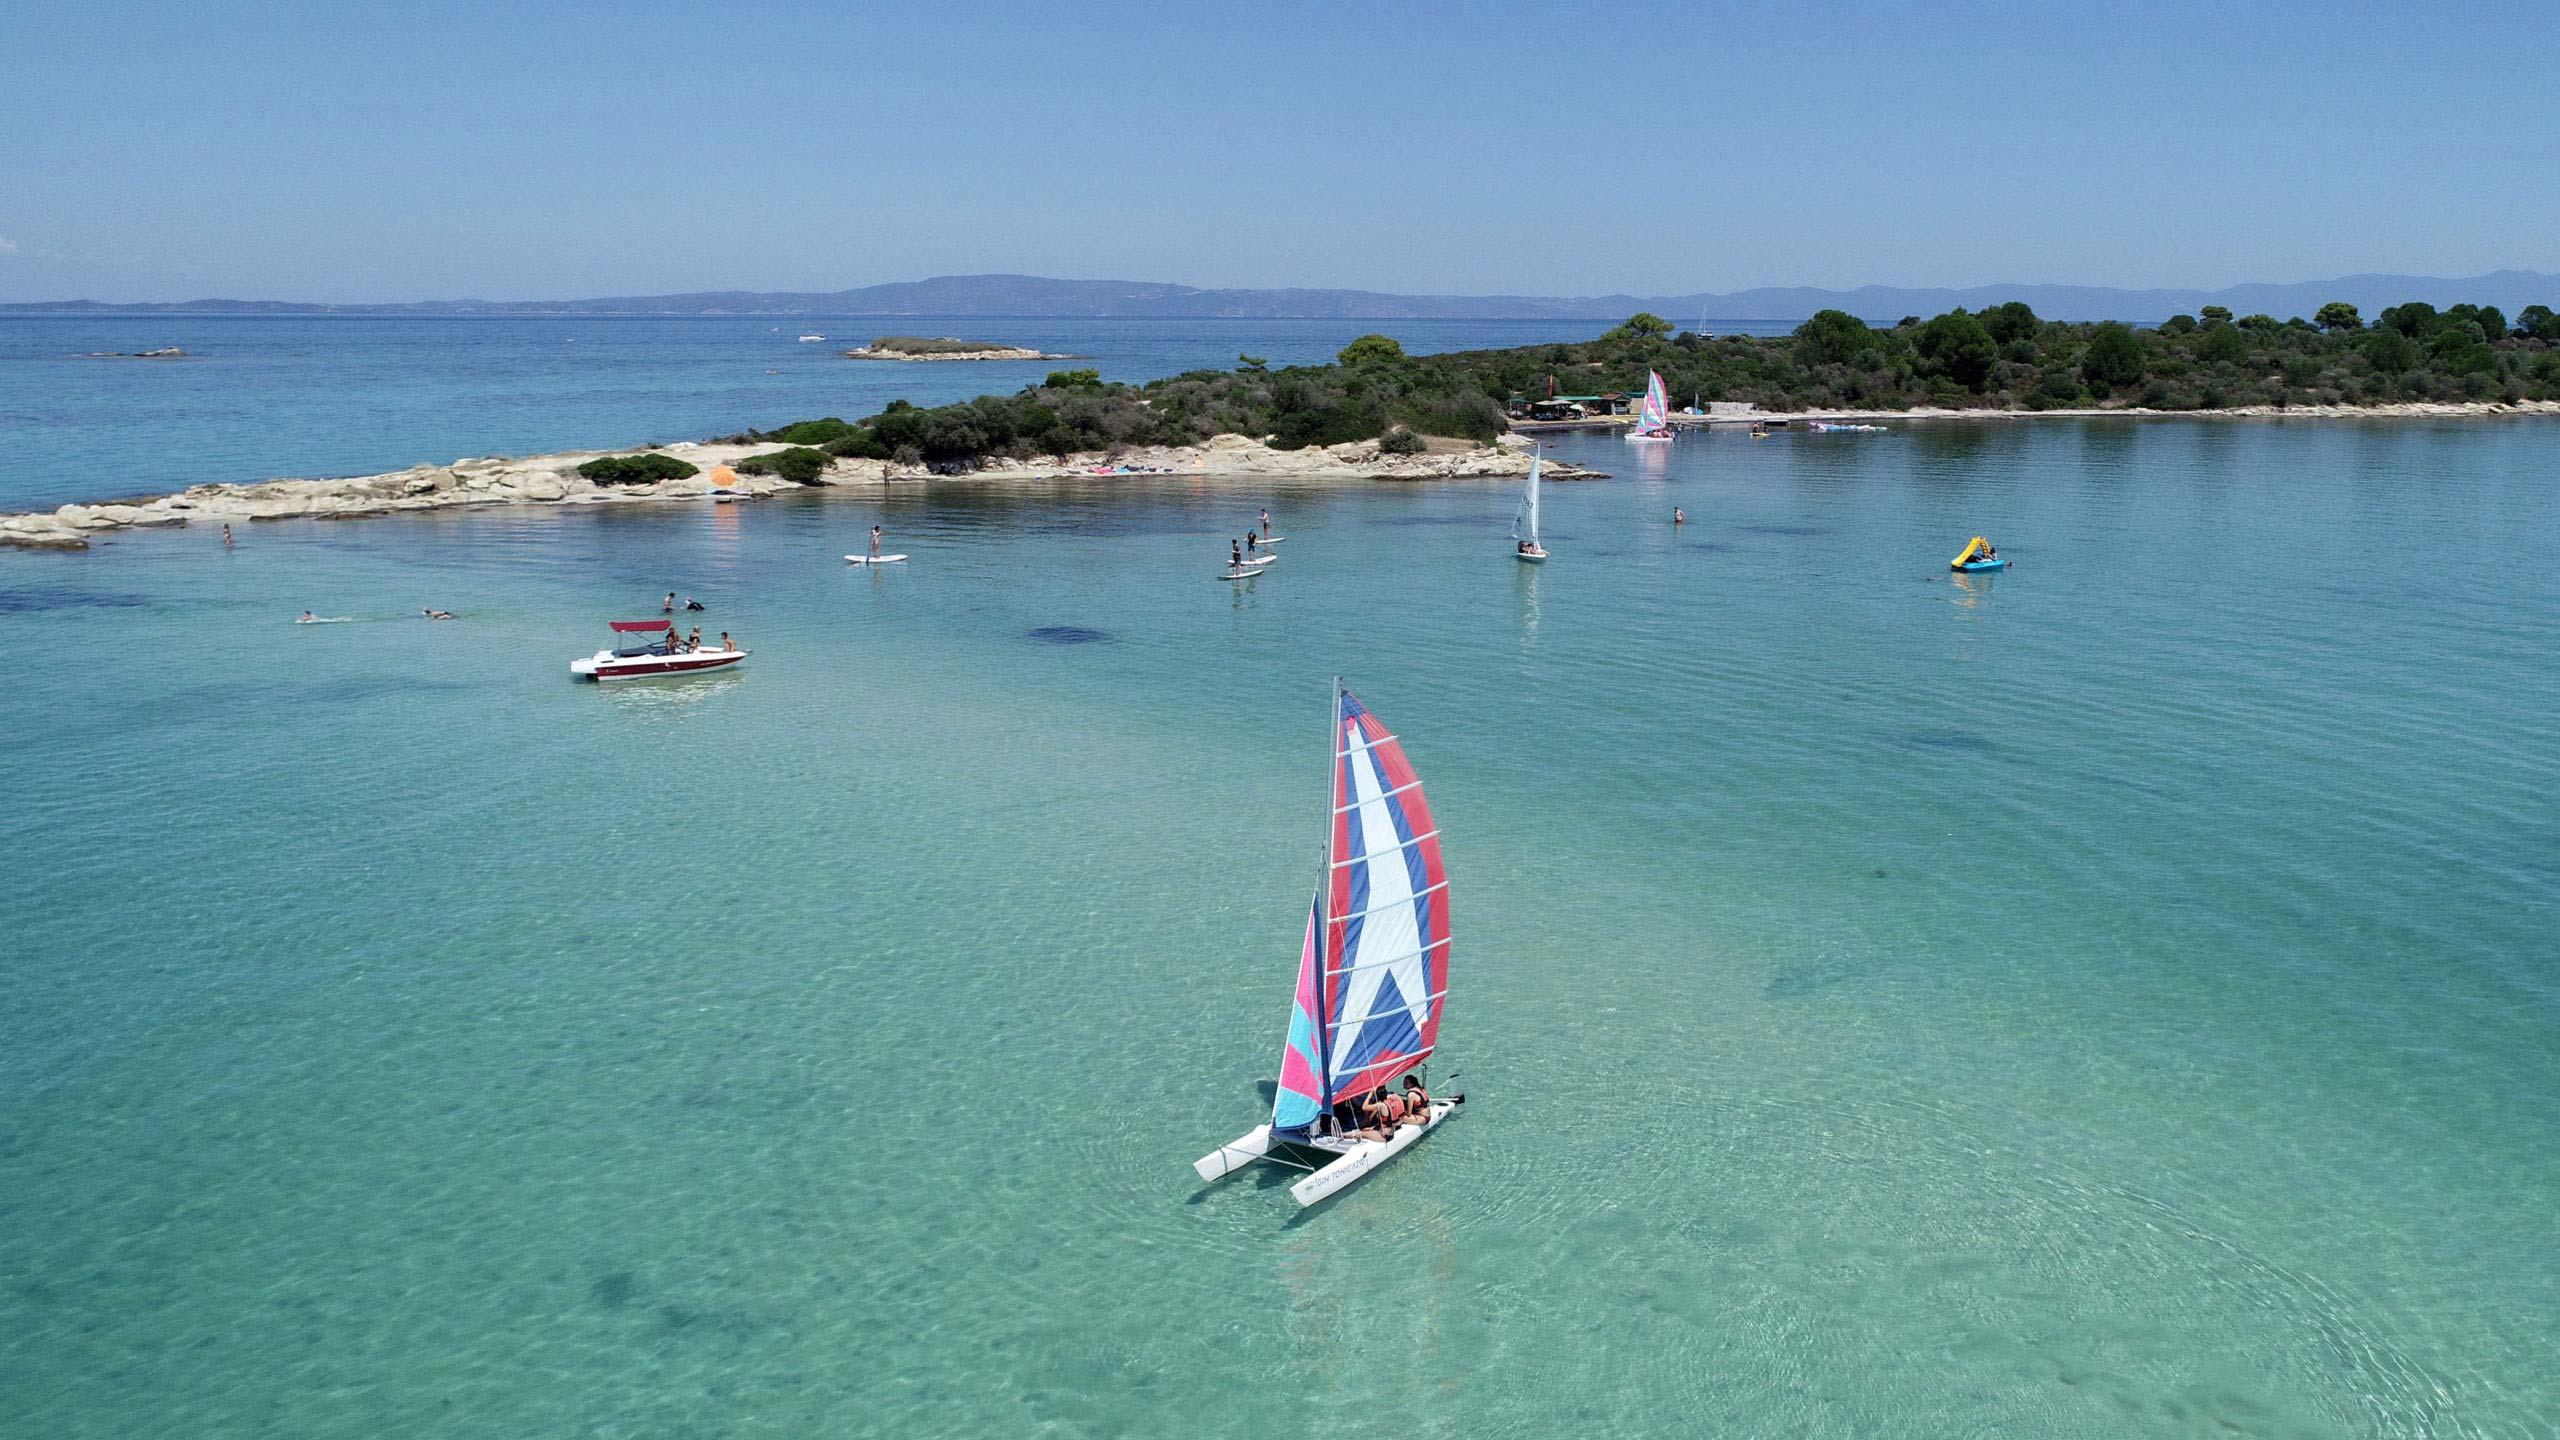 Catamaran in blue waters